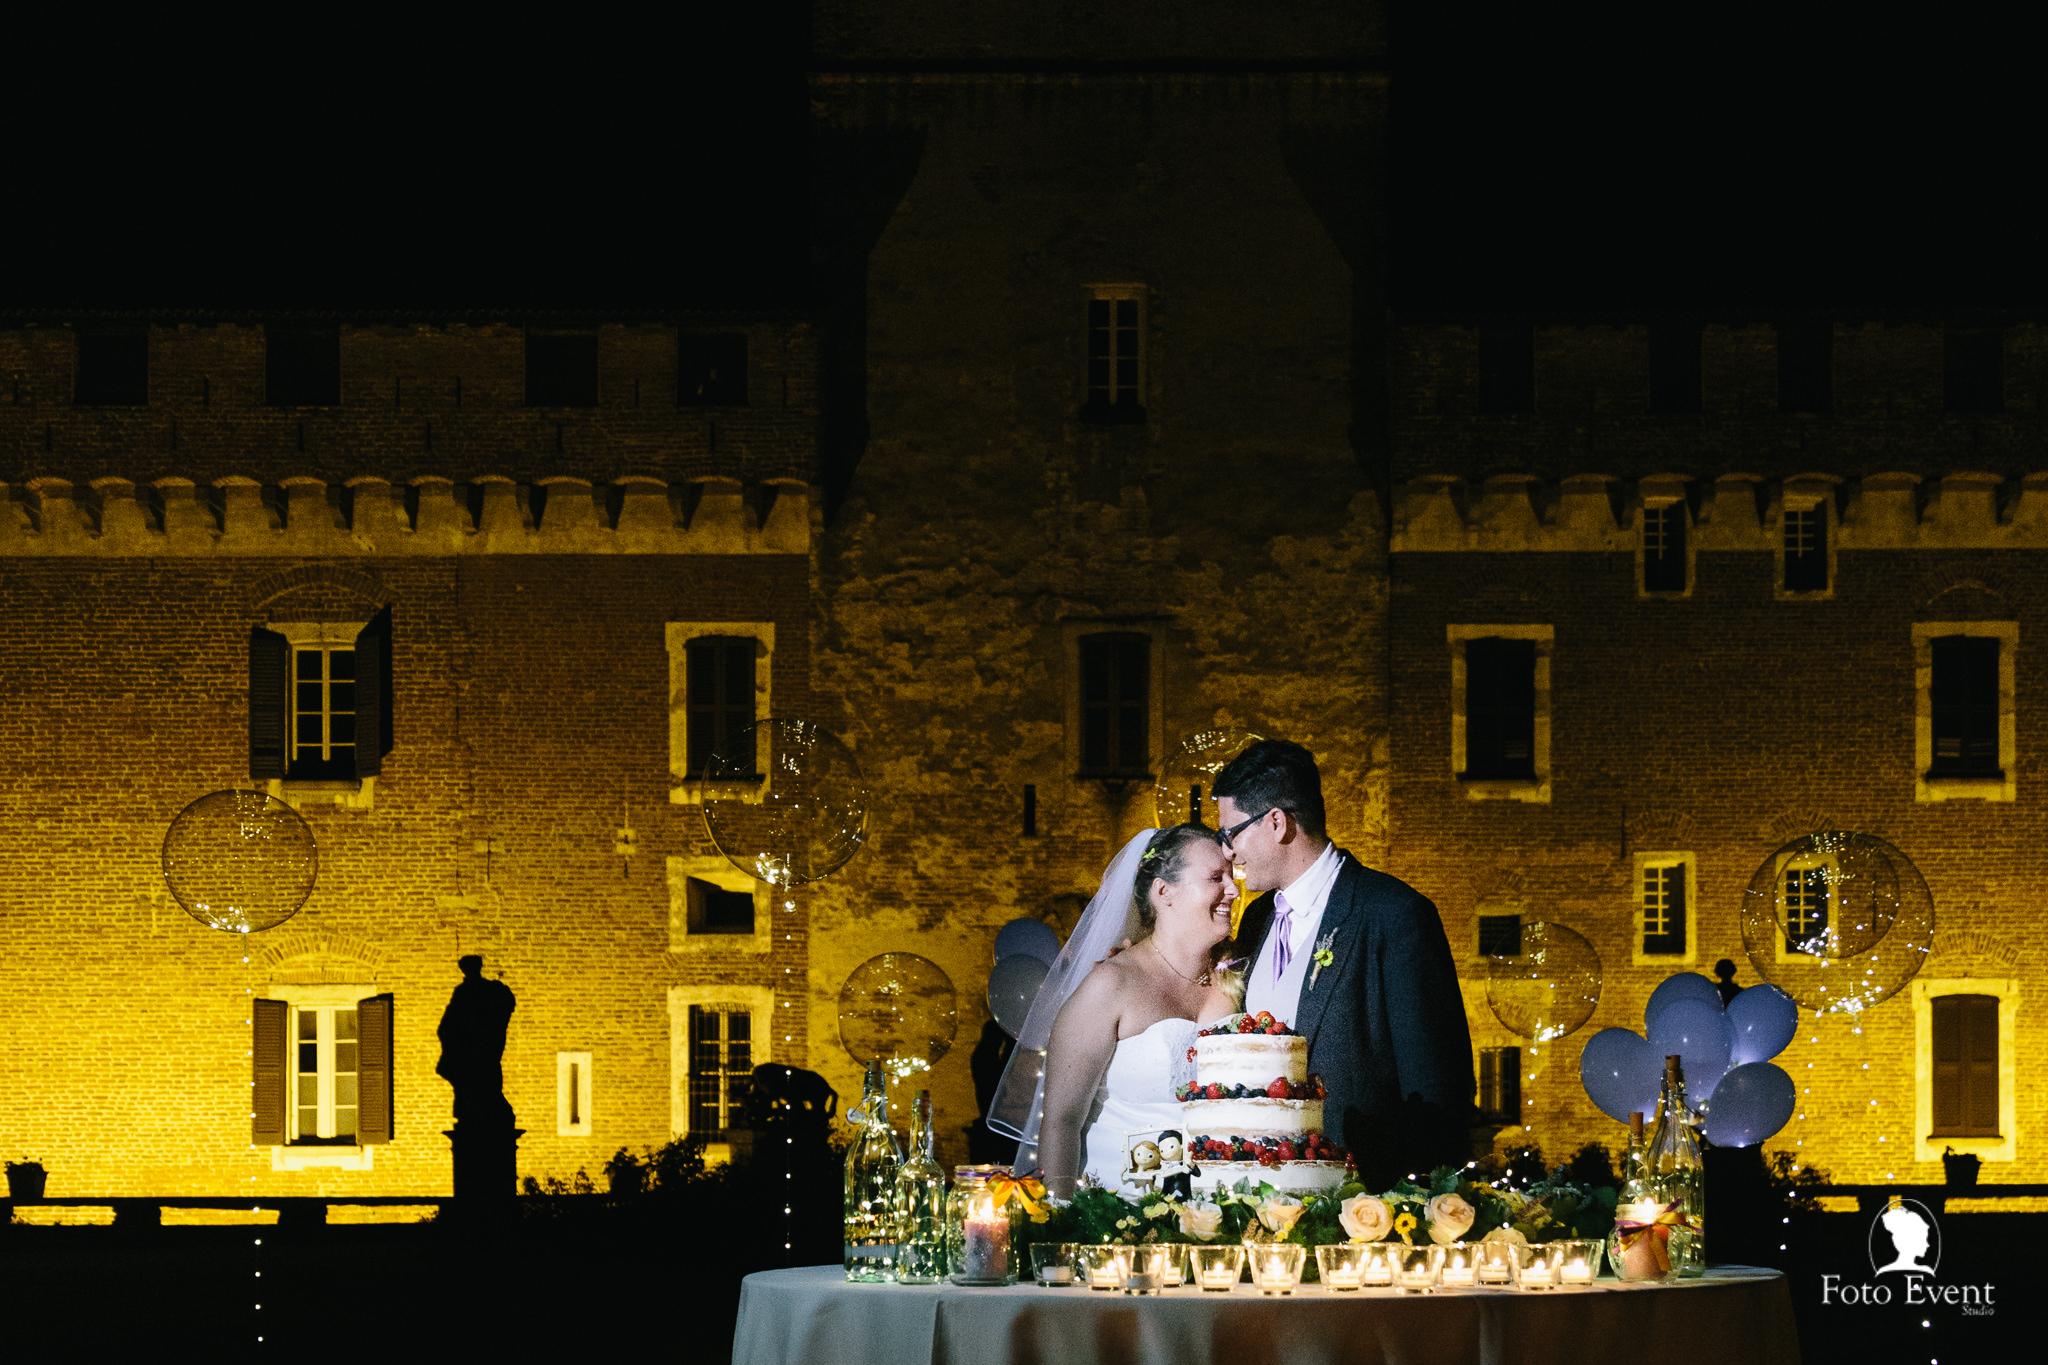 084-2019-07-27-Matrimonio-Valentina-e-Alessandro-Pettinari-5DE-1692